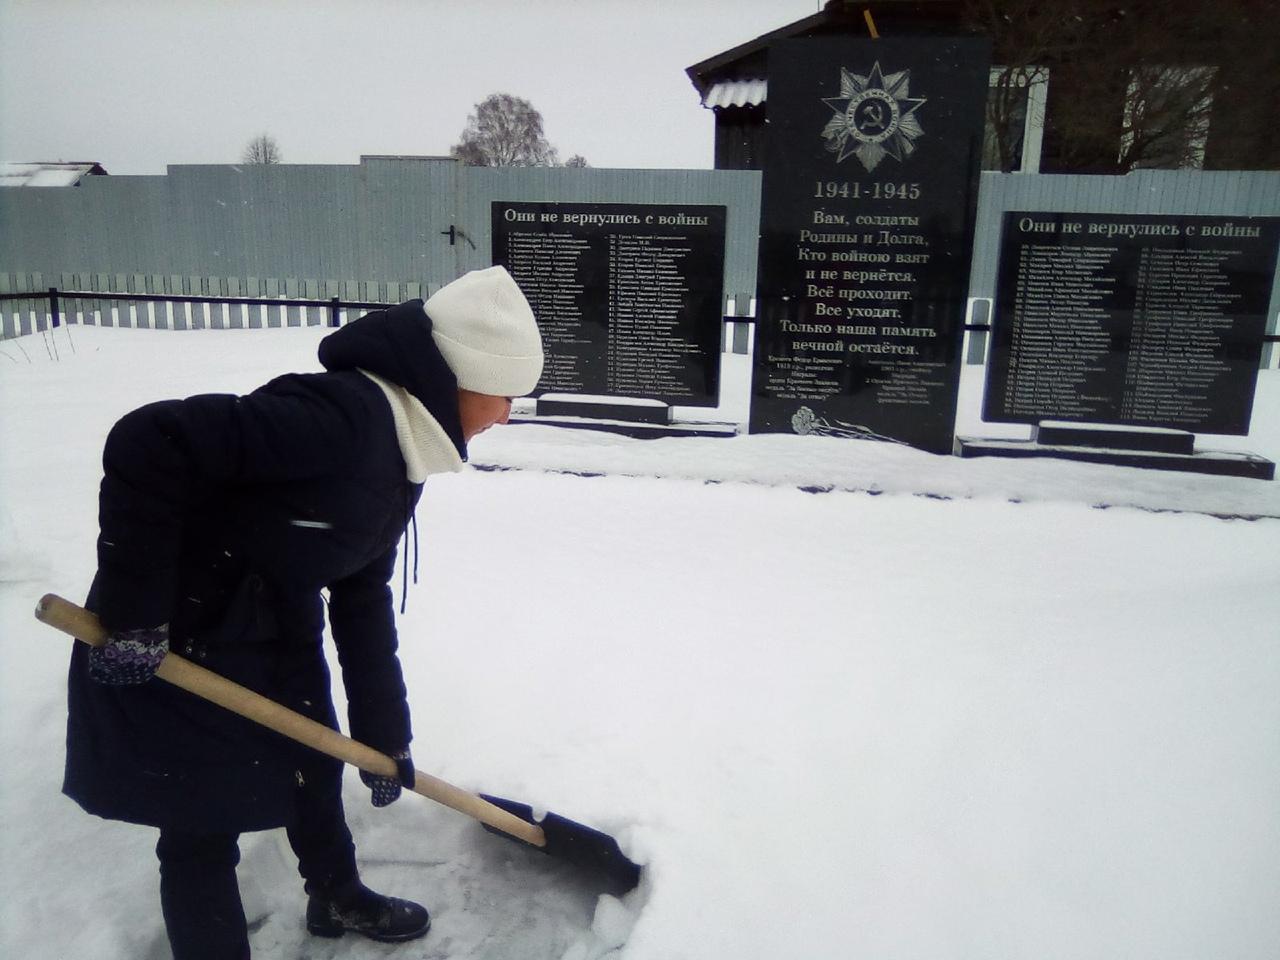 Школьники из Можгинского района сделали хорошее дело.